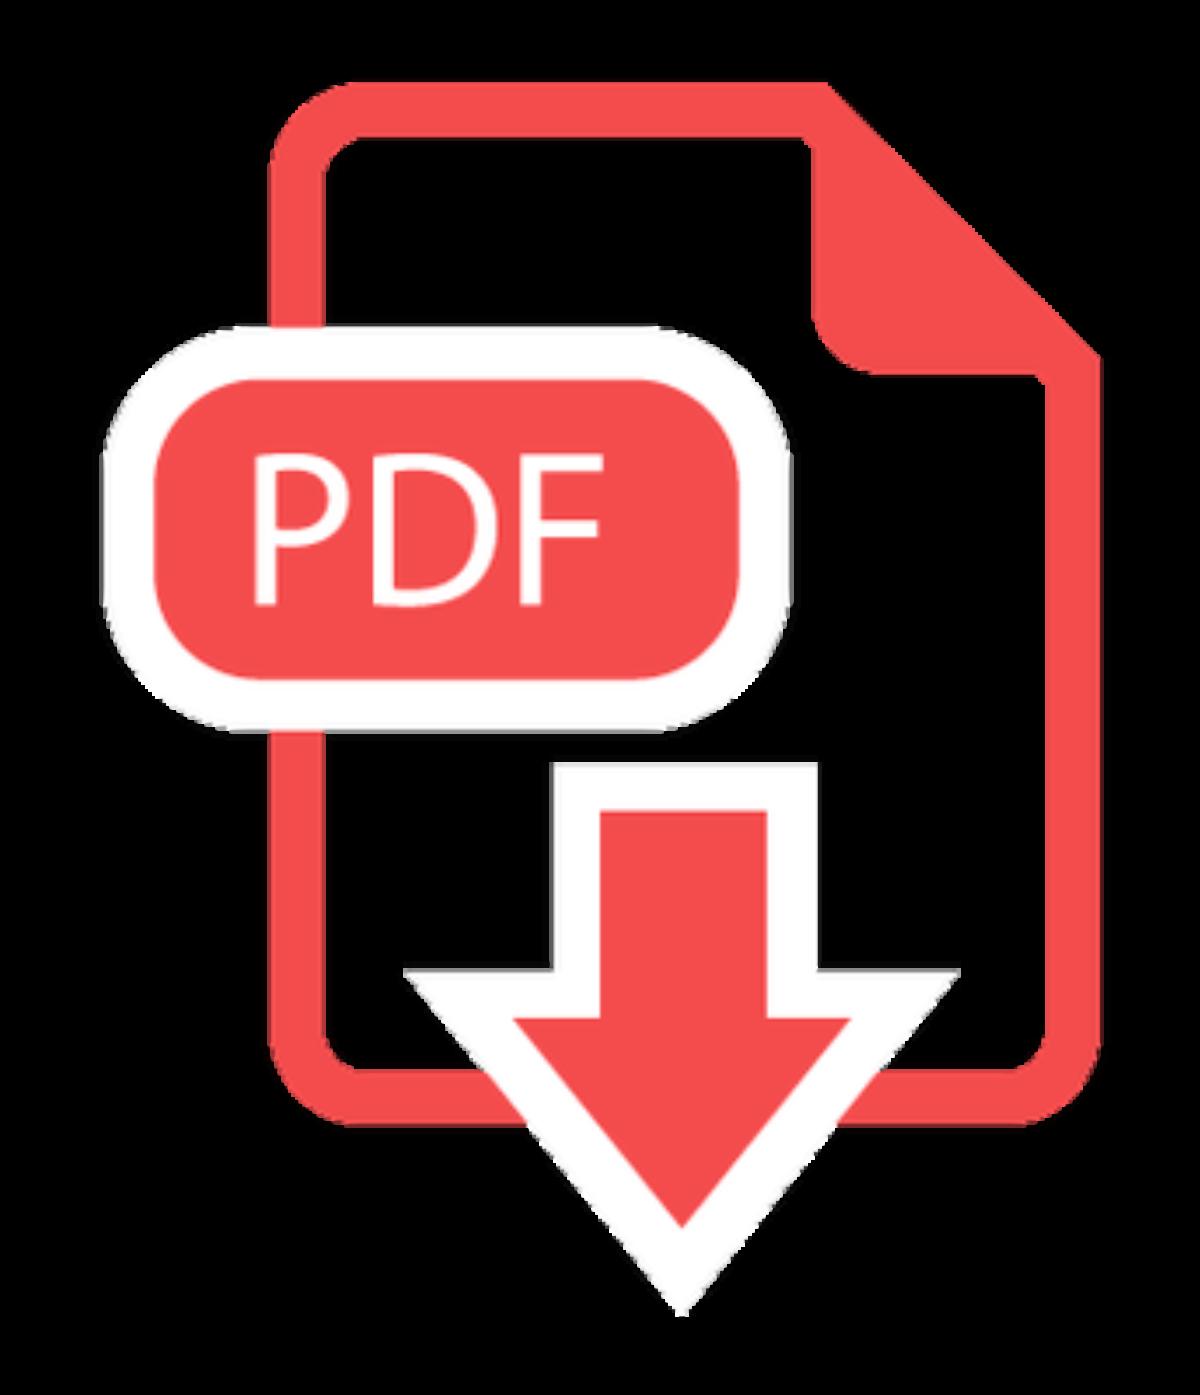 Ícone PDF PNG - Imagem em Alta Qualidade - Ícone PDF PNG